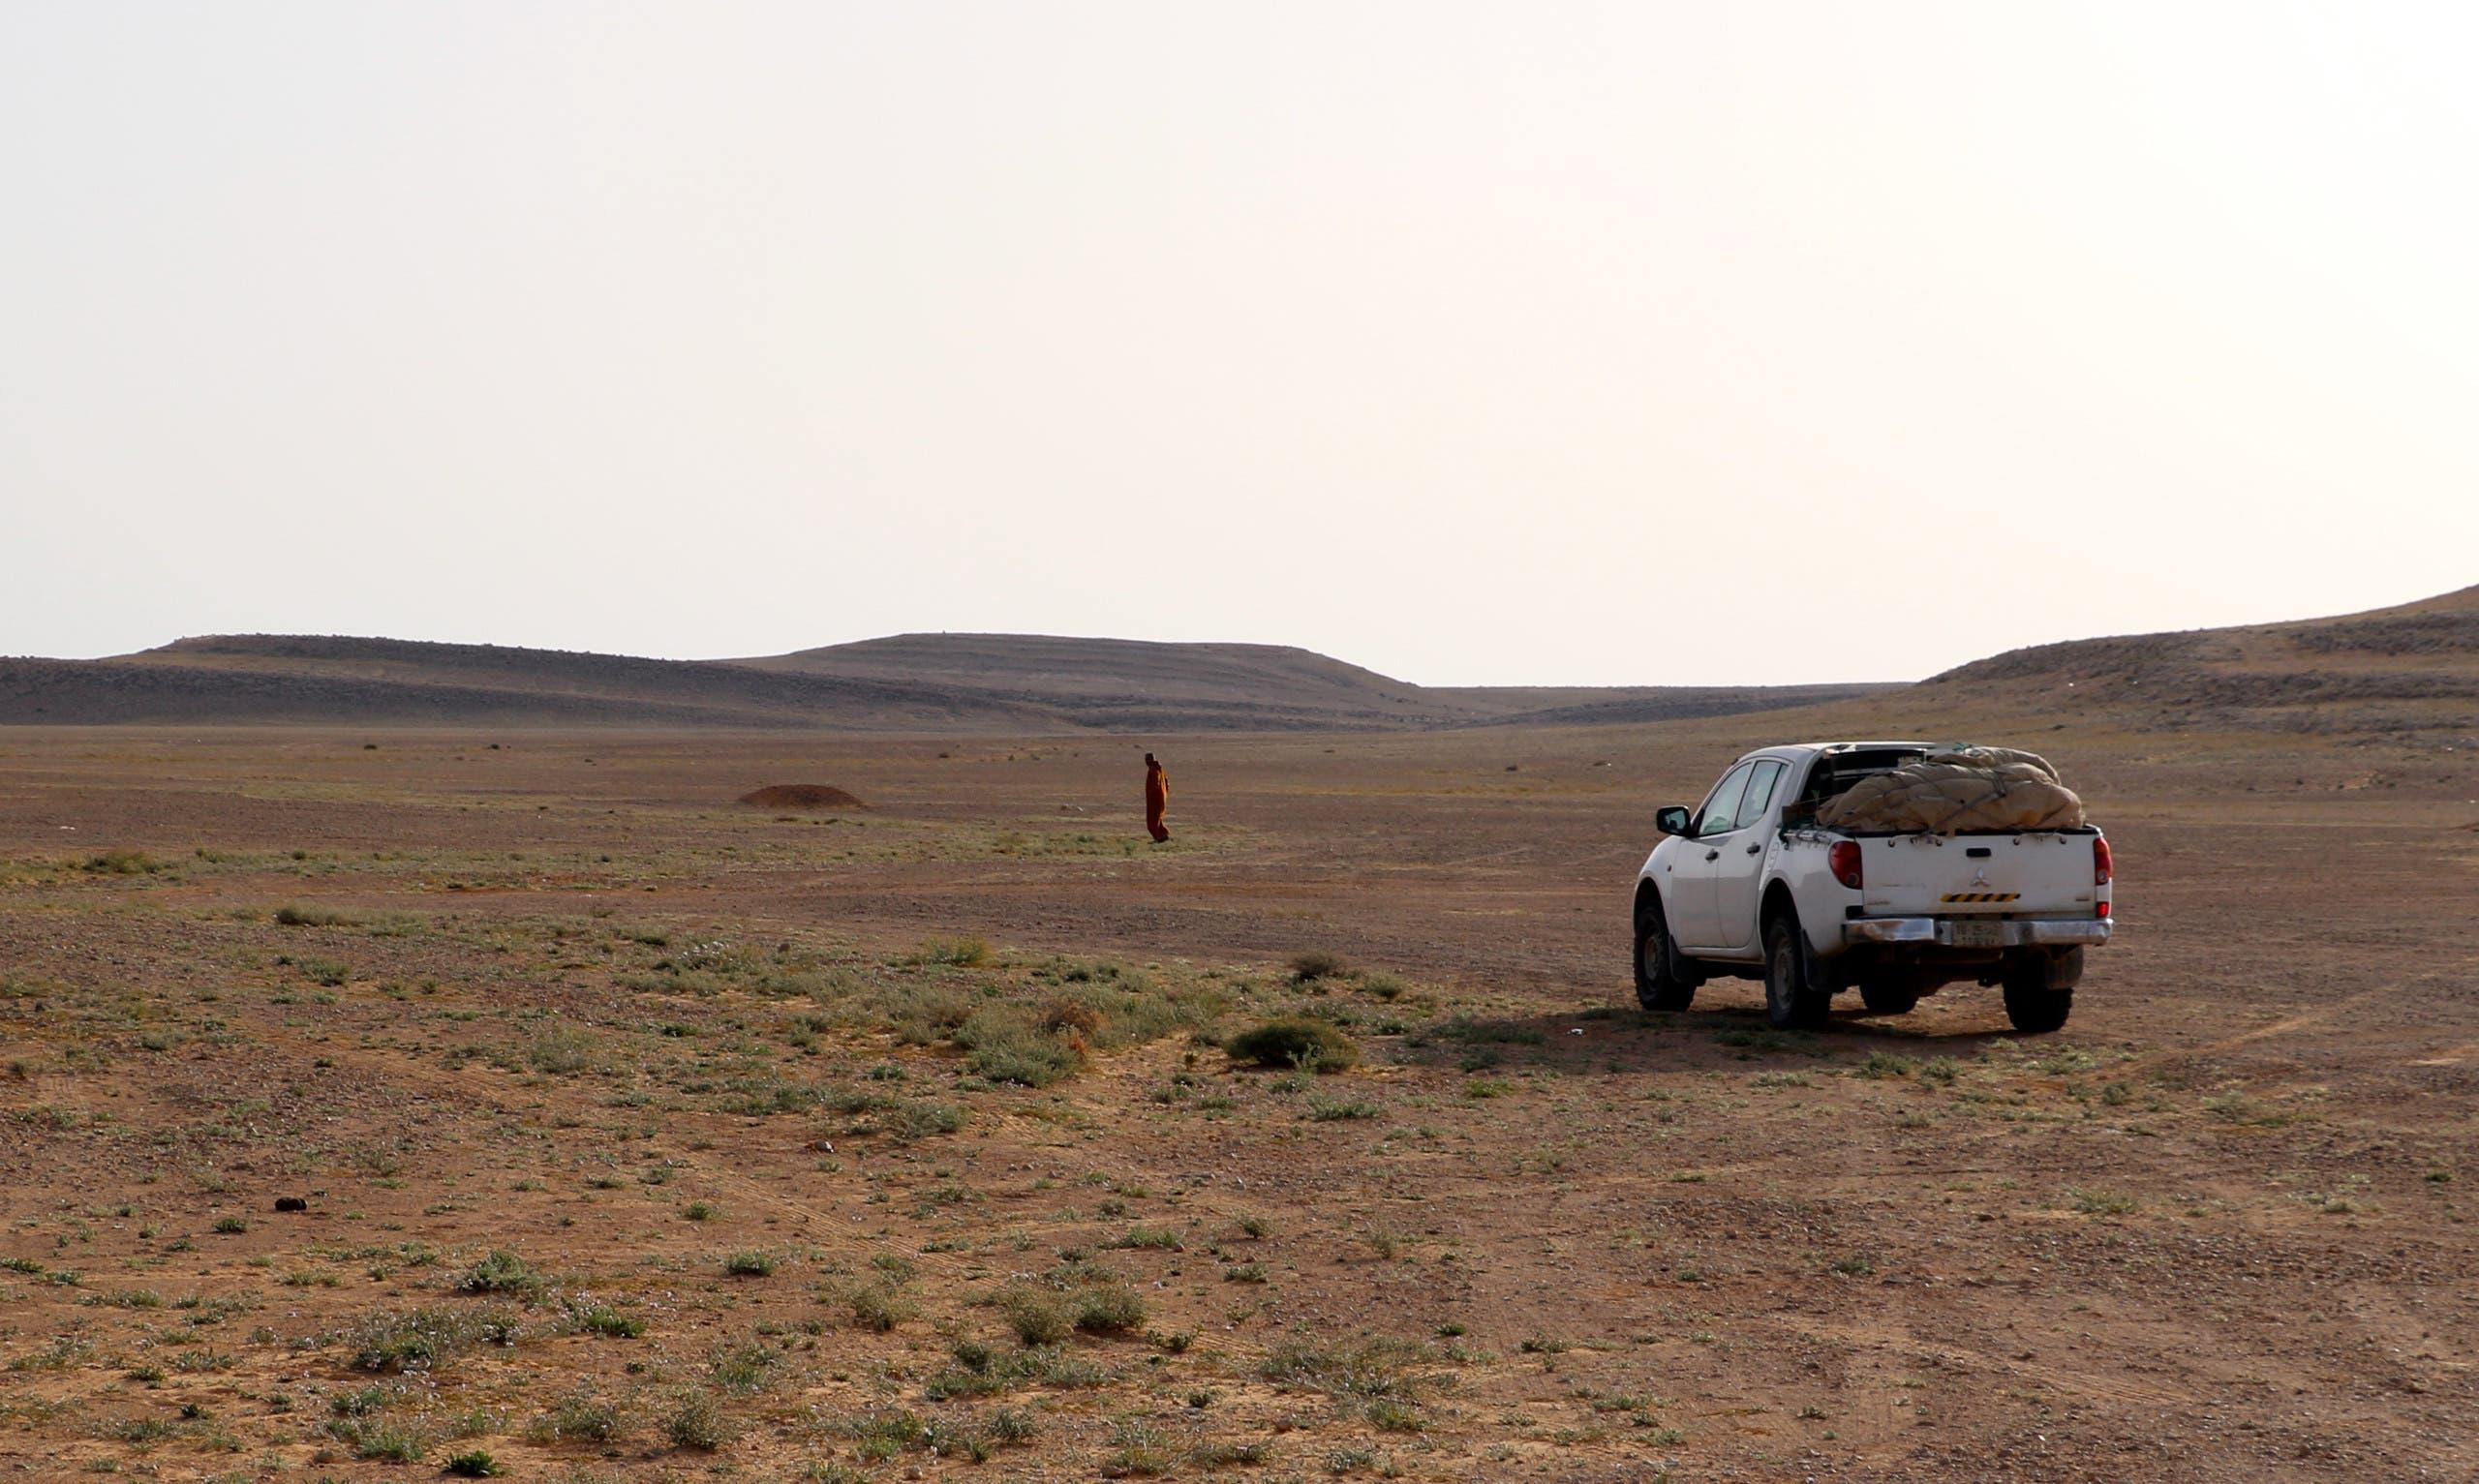 من الصحراء الليبية (أرشيفية - فرانس برس)